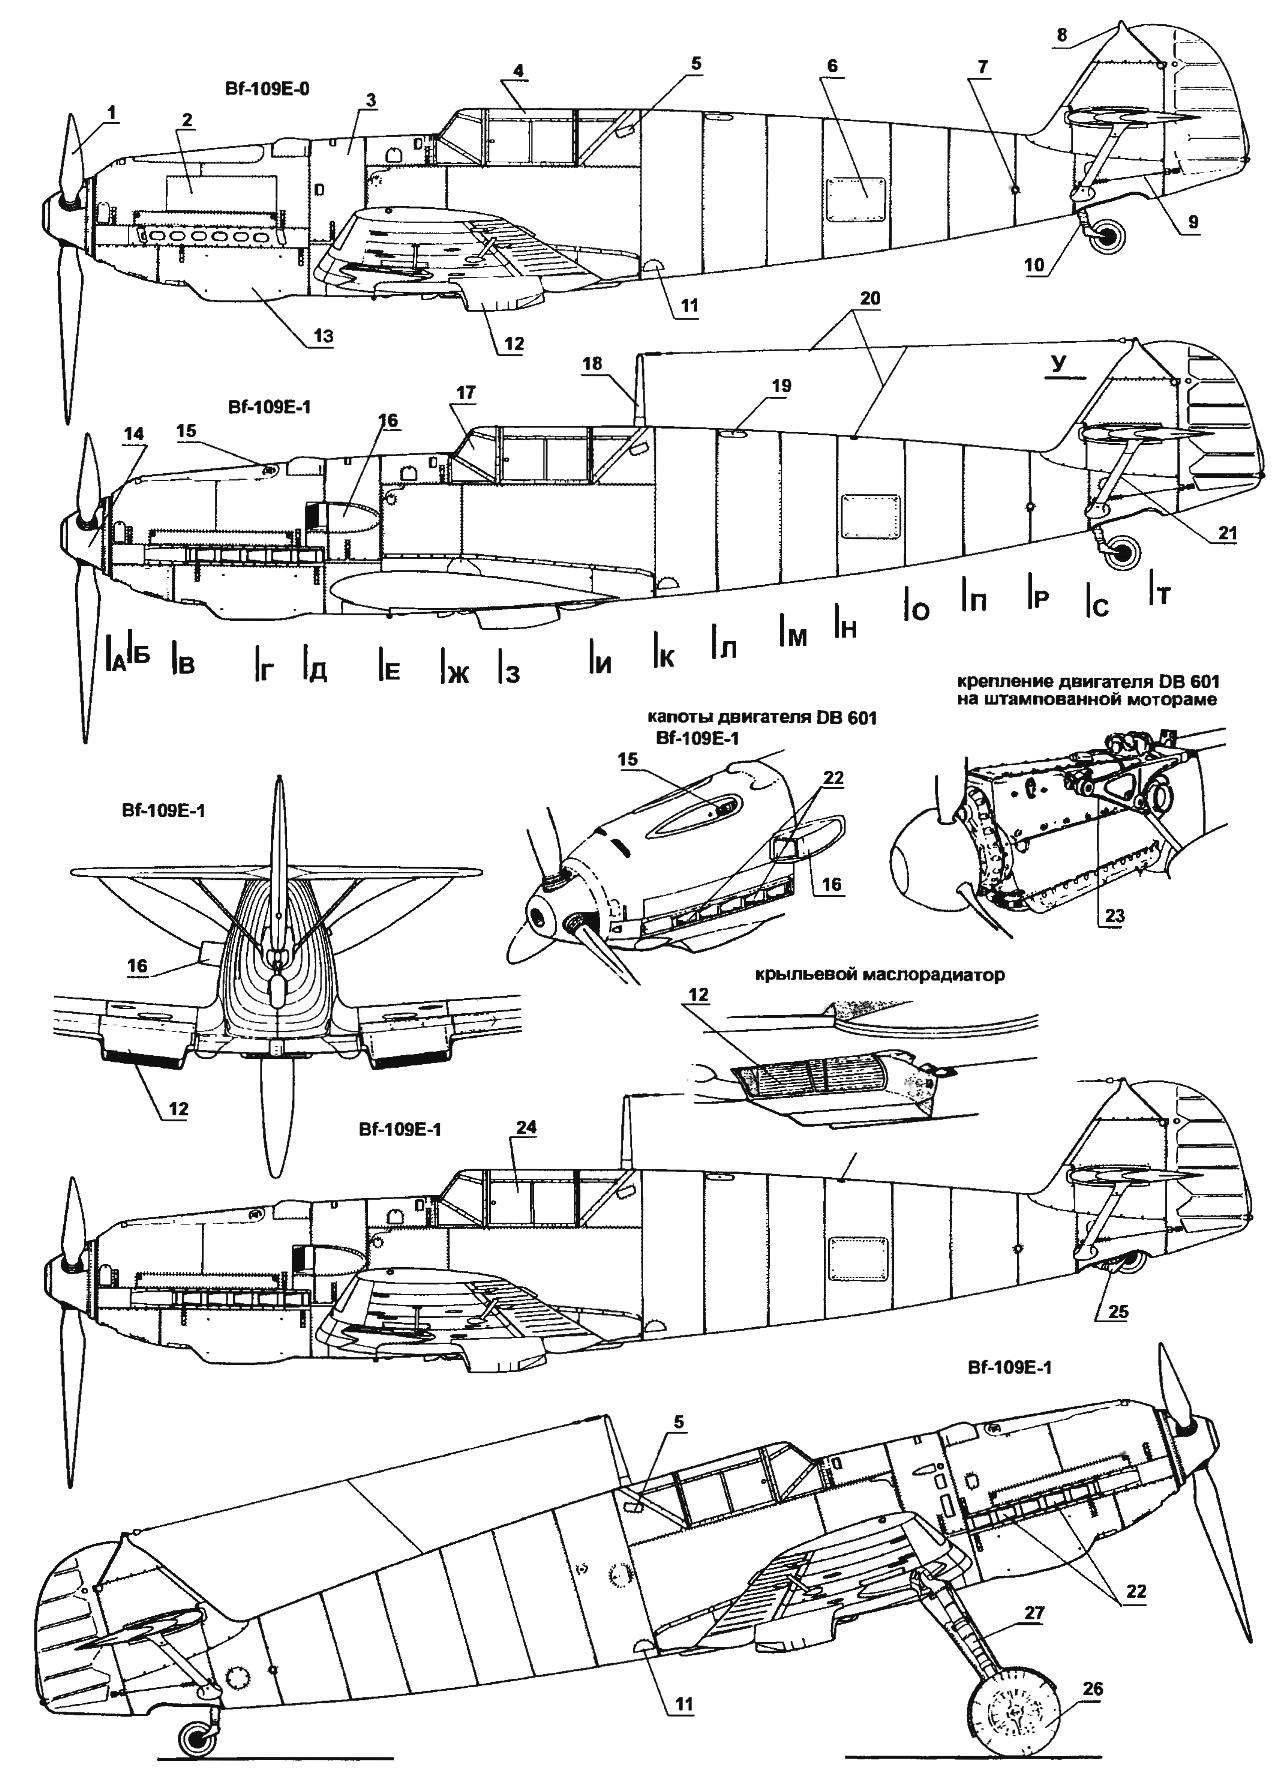 Самолет-истребитель MESSERSCHMITT Bf-109E